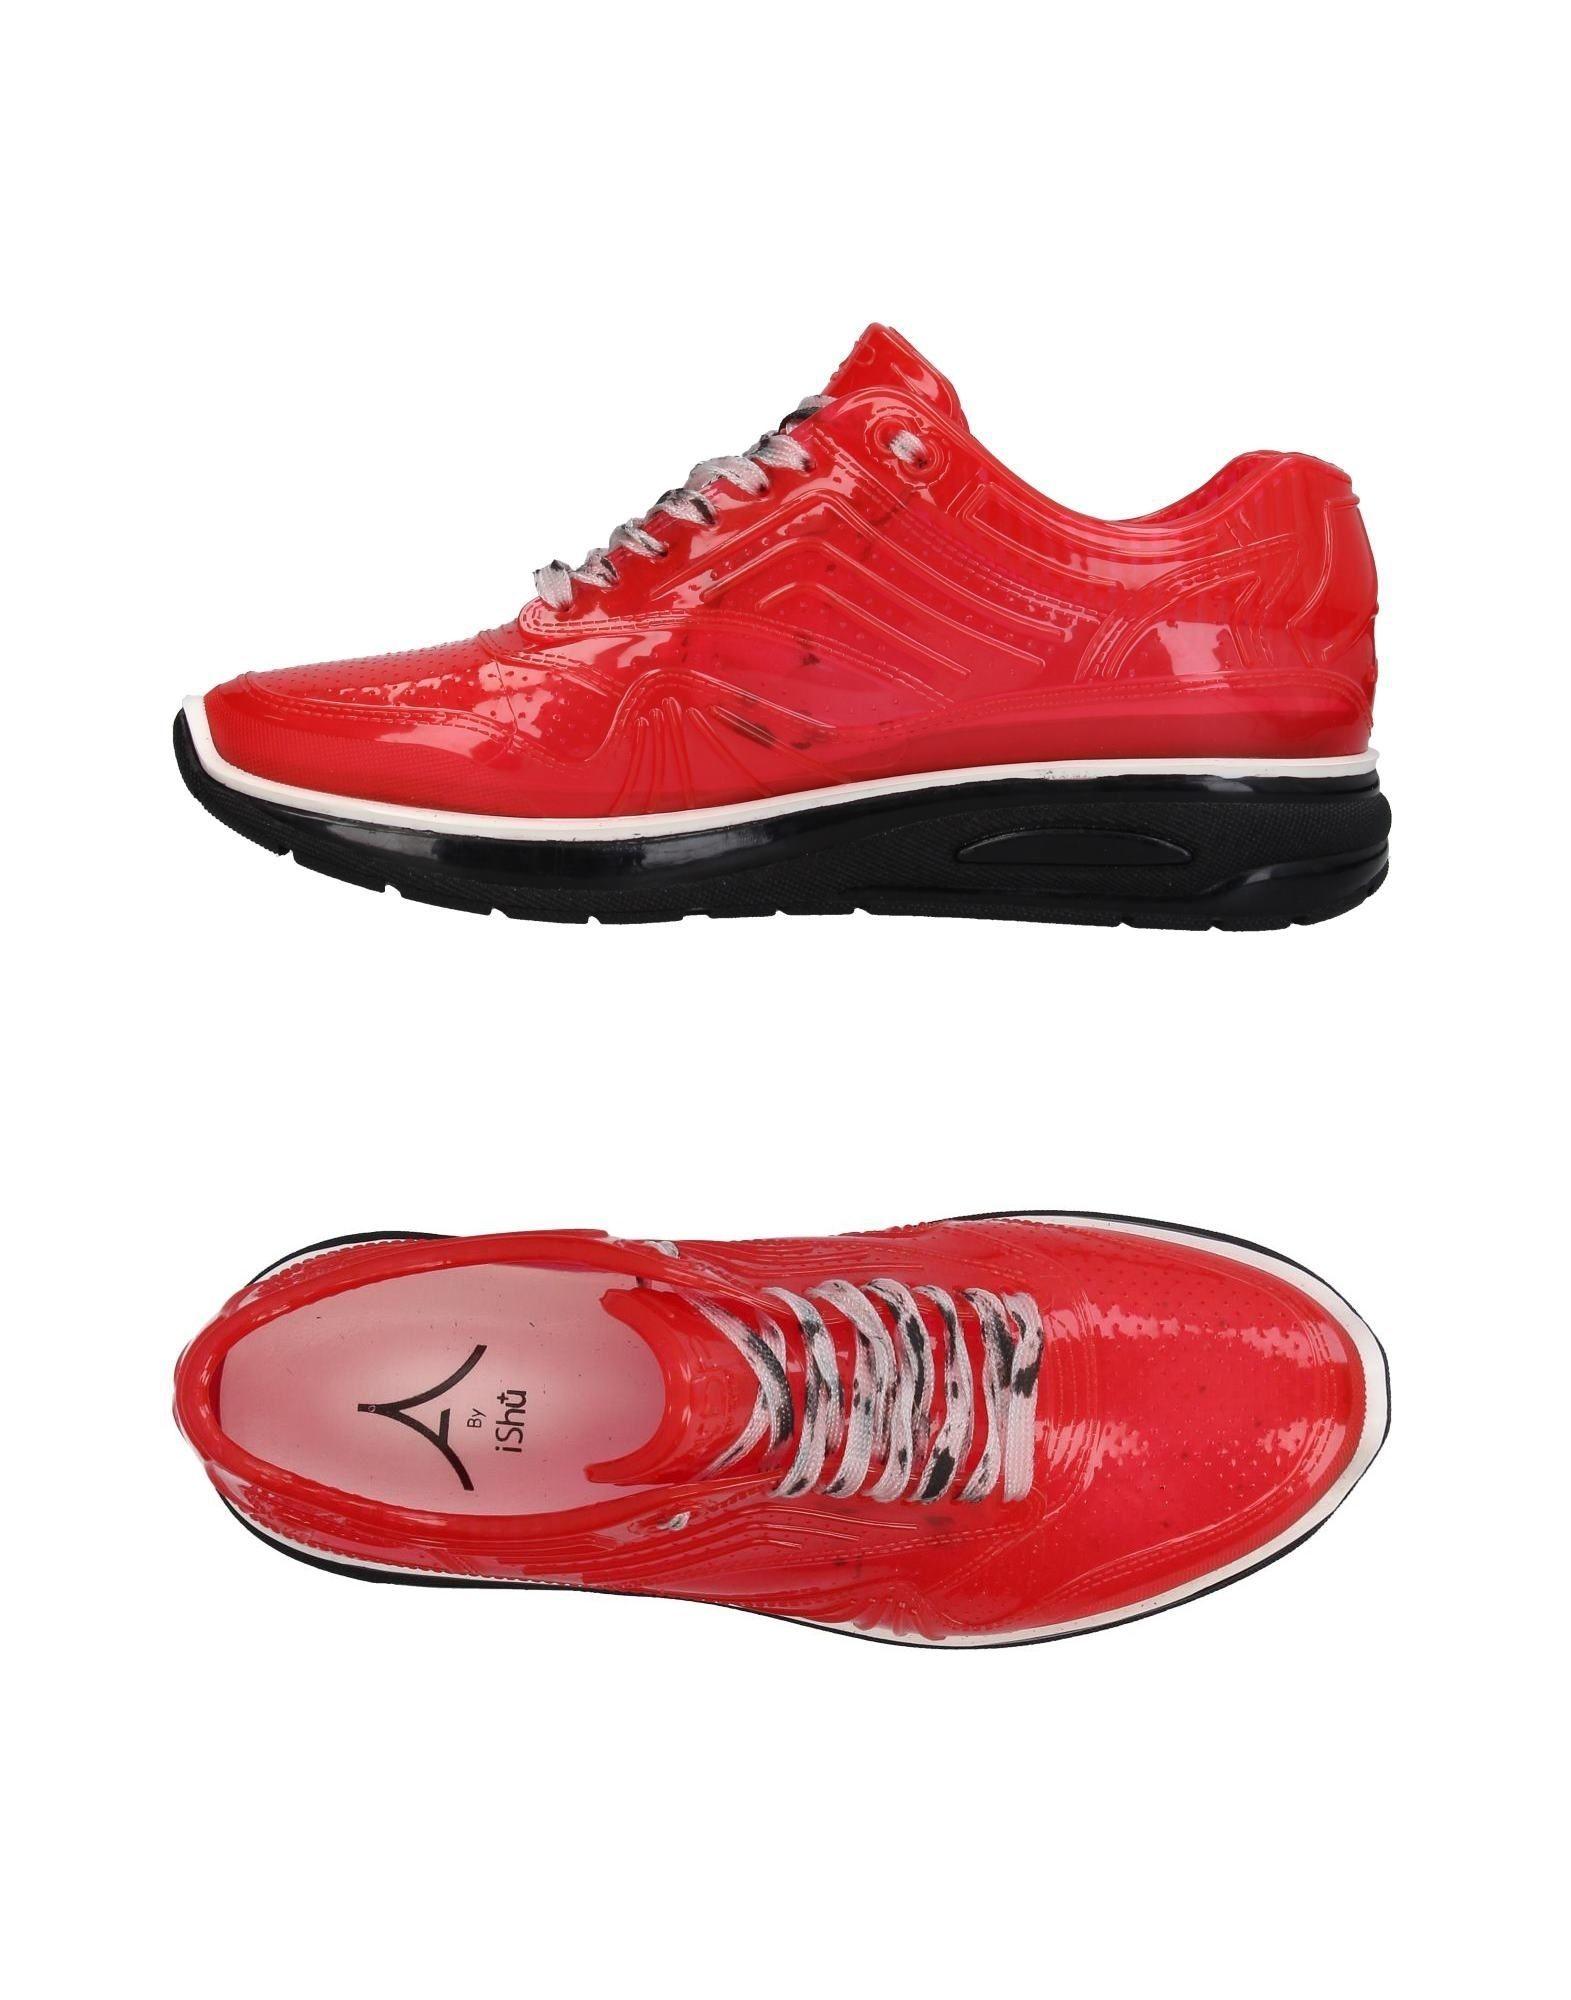 《送料無料》ISHU+ メンズ スニーカー&テニスシューズ(ローカット) レッド 43 ゴム